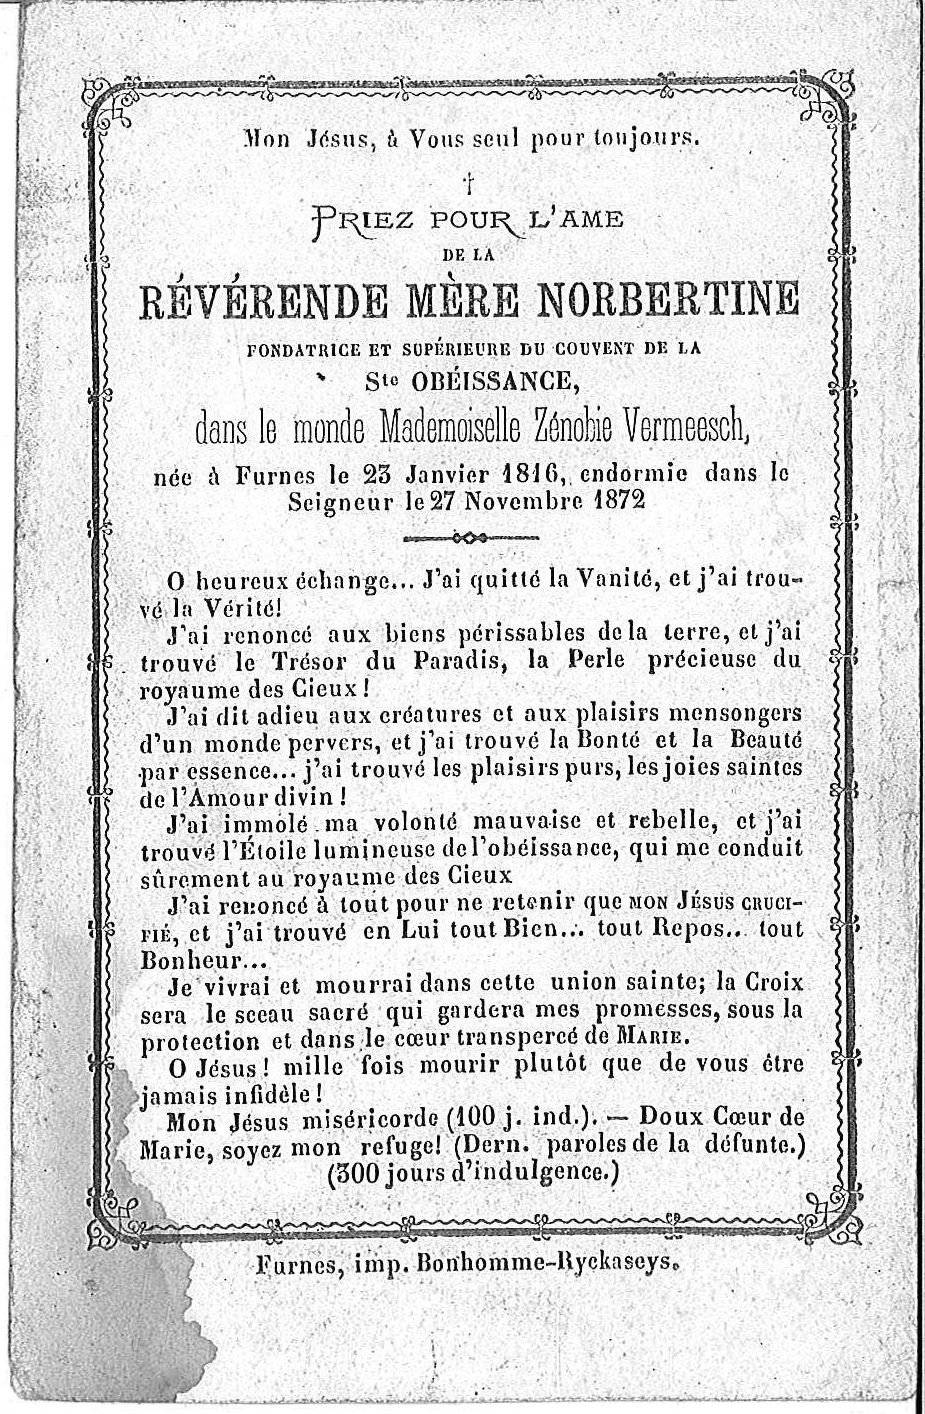 Zénobie Vermeersch